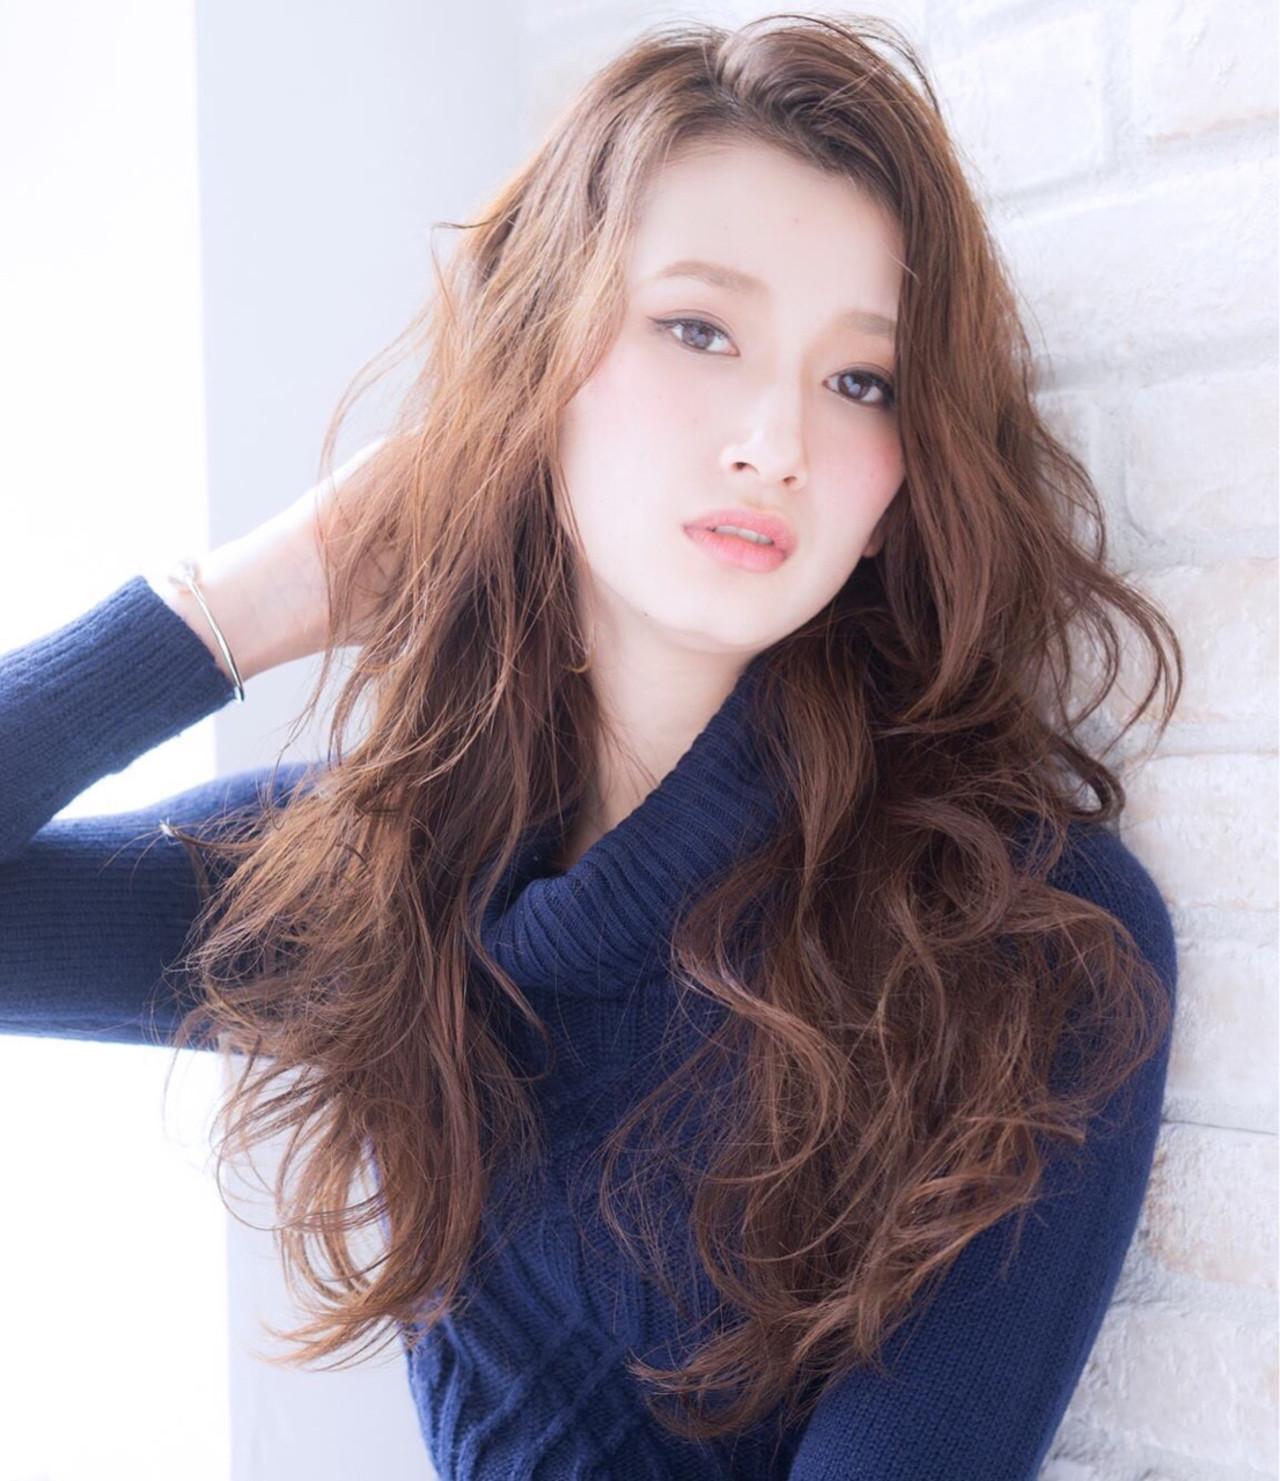 フェミニン ナチュラル 大人女子 ロング ヘアスタイルや髪型の写真・画像 | 柳田恭佑 / BONNY COUTURE ボニークチュール